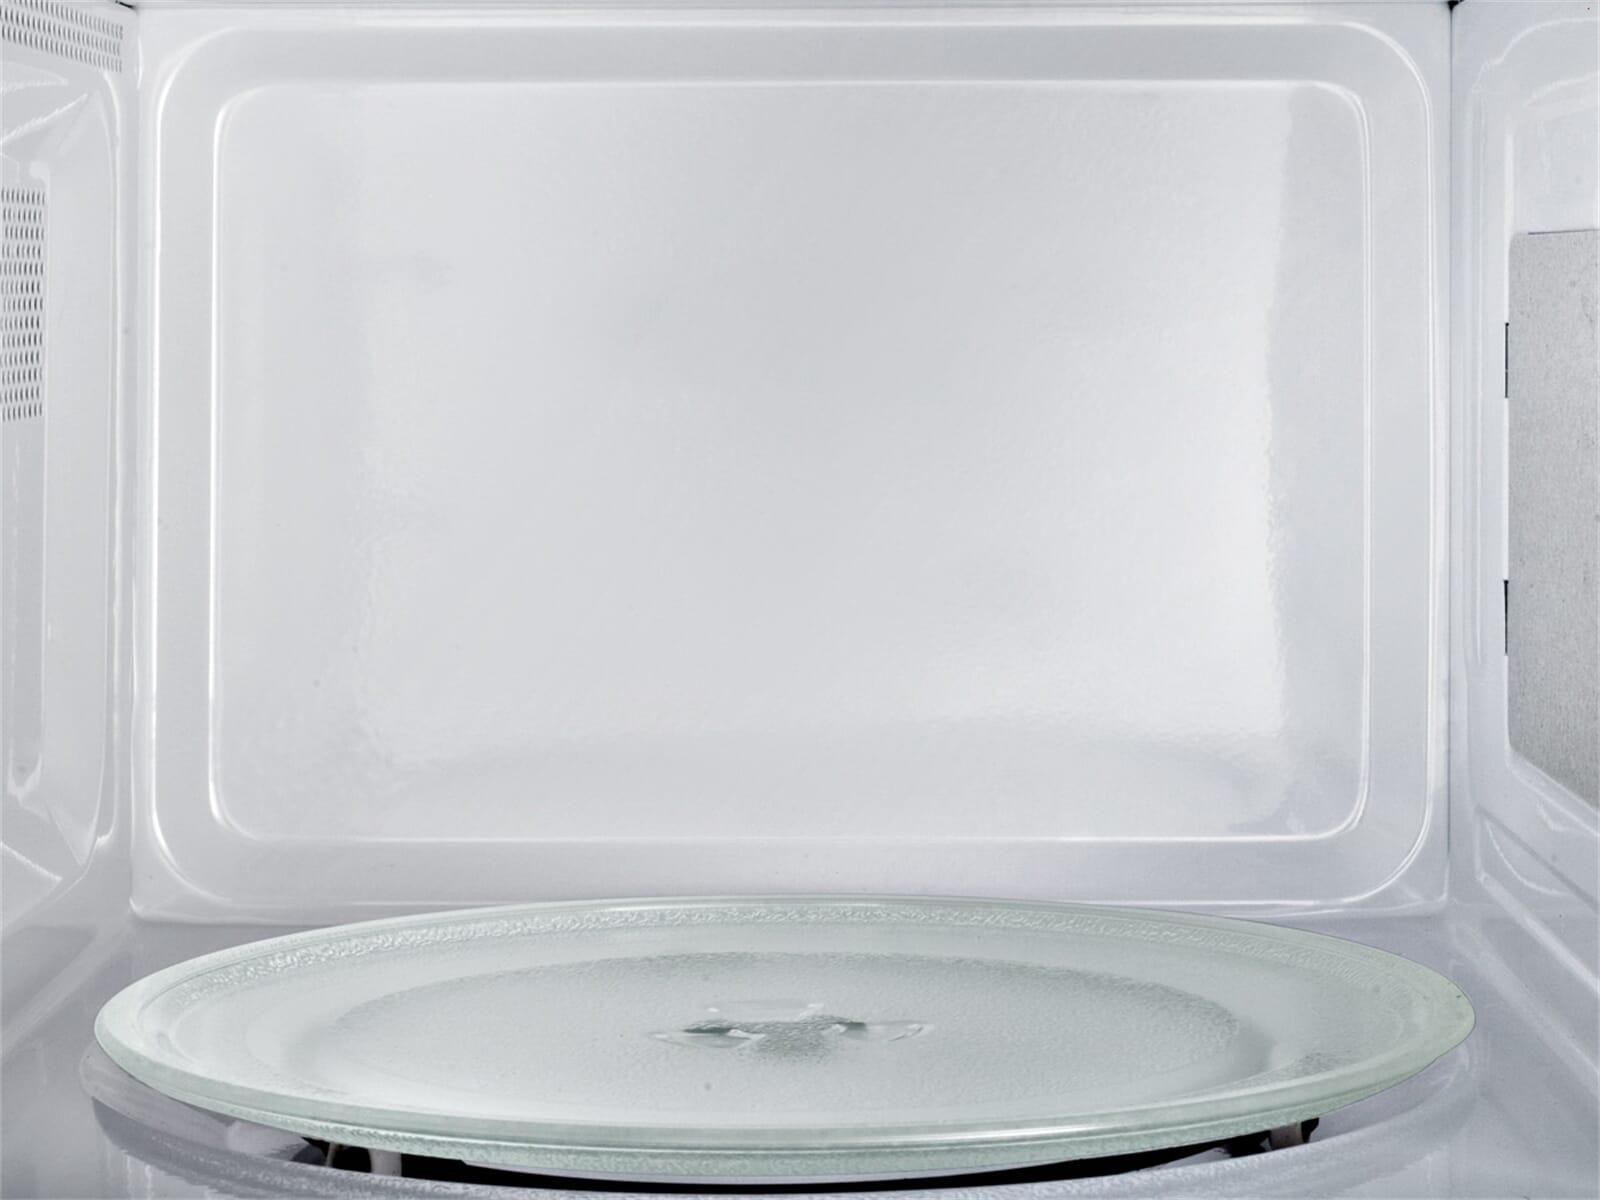 Bosch HMT75M421 Stand-Mikrowelle Weiß